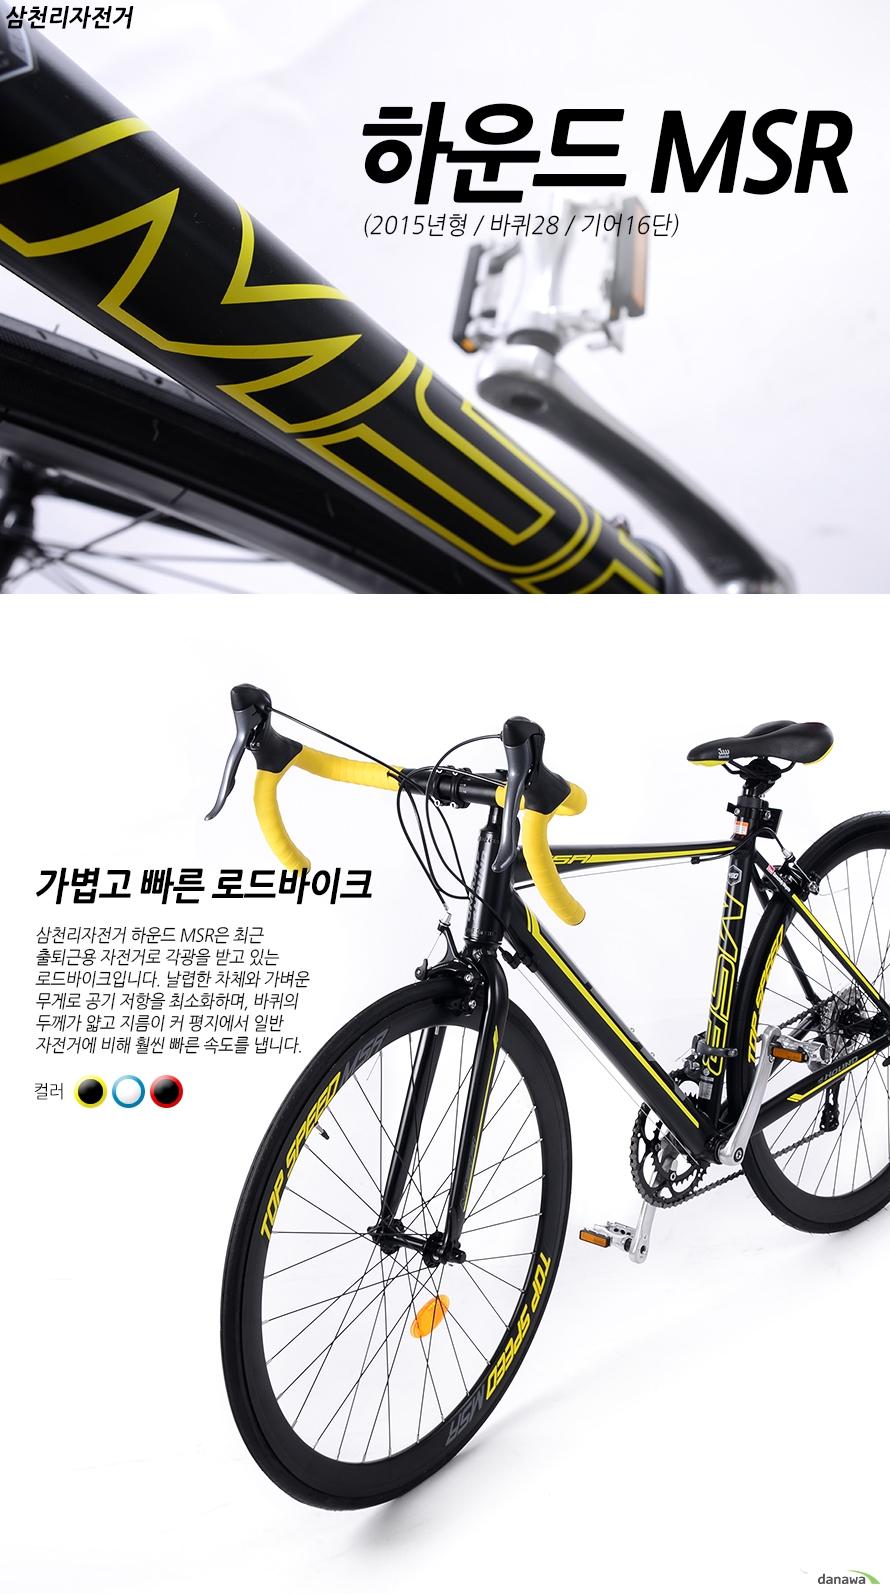 삼천리자전거 하운드 MSR (2015년형 / 바퀴28 / 기어16단)